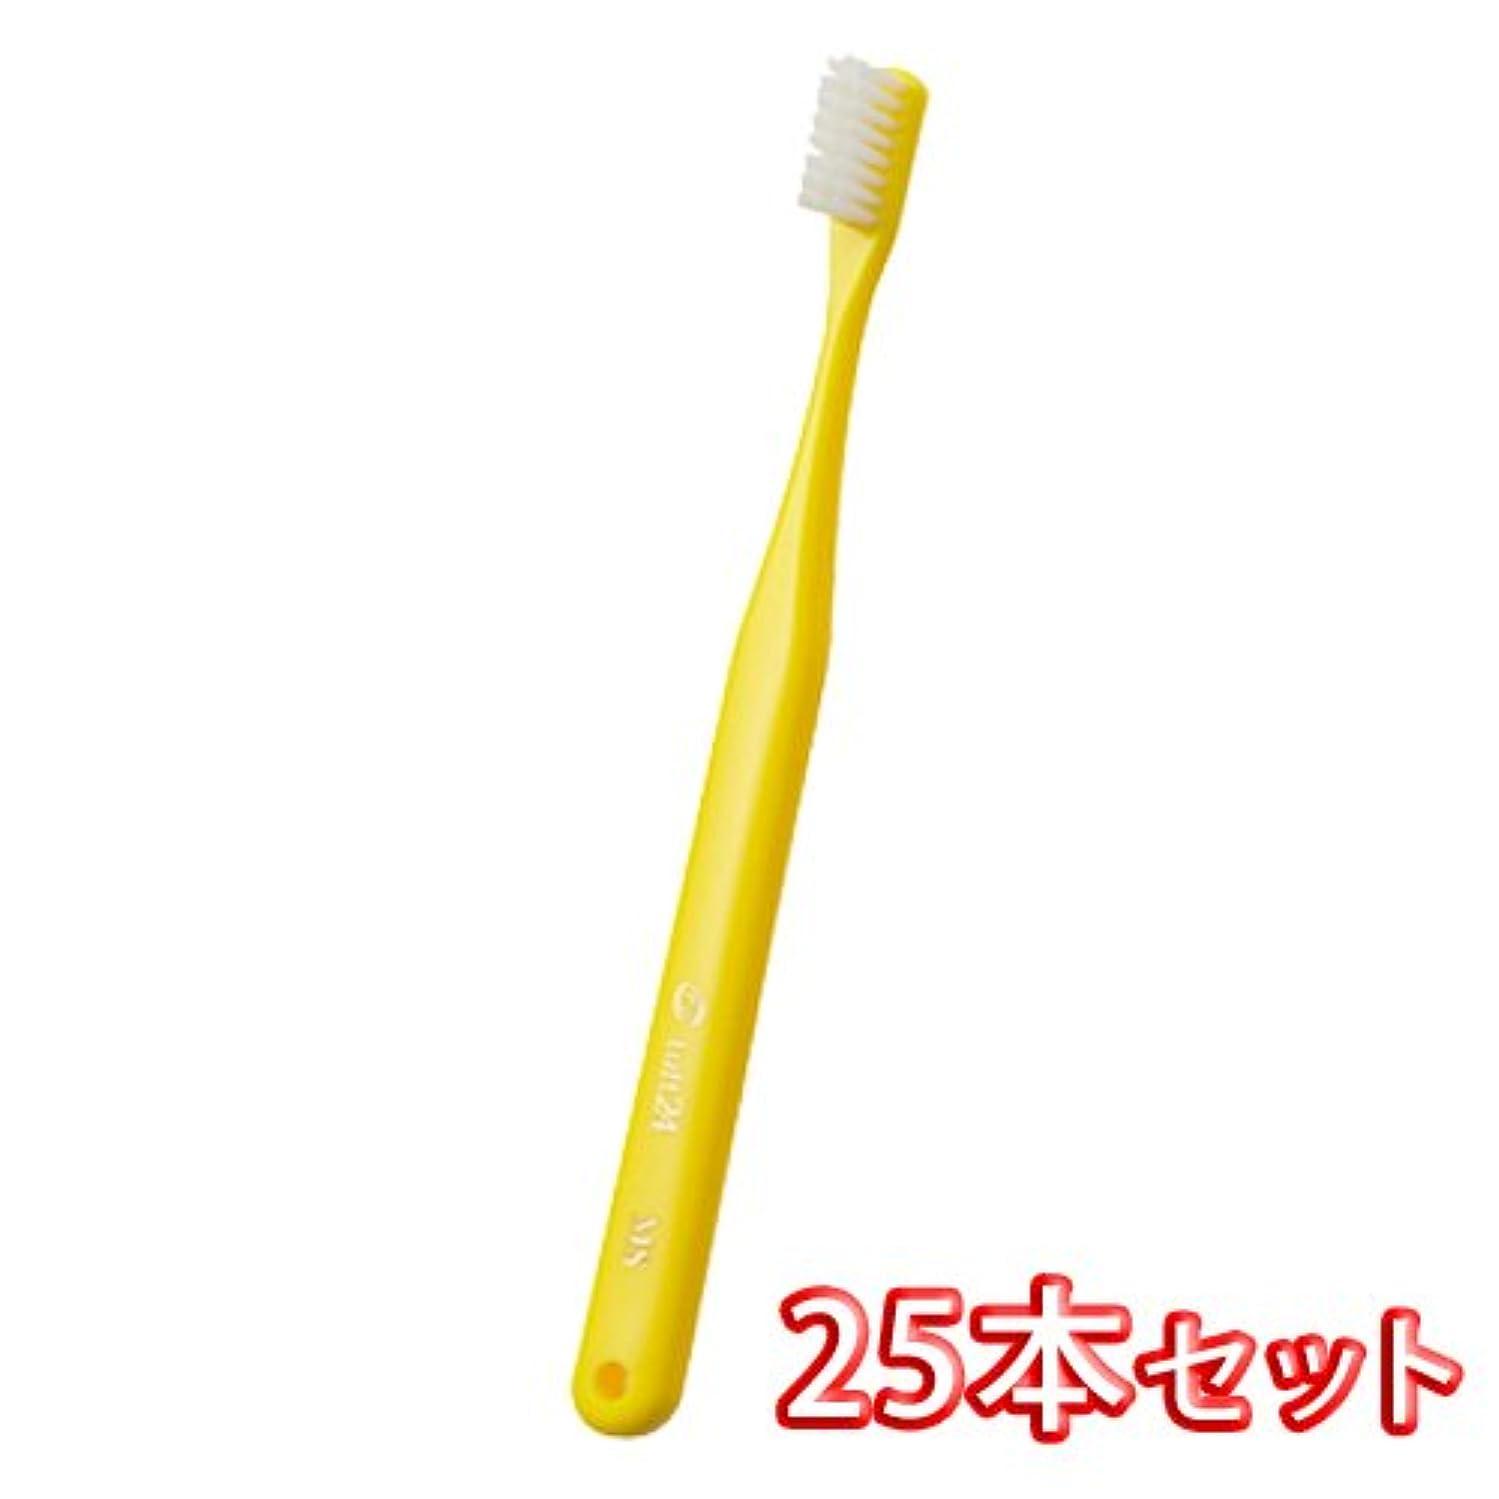 チャーター国際一流オーラルケア キャップ付き タフト 24歯ブラシ 25本入 ミディアム M (イエロー)